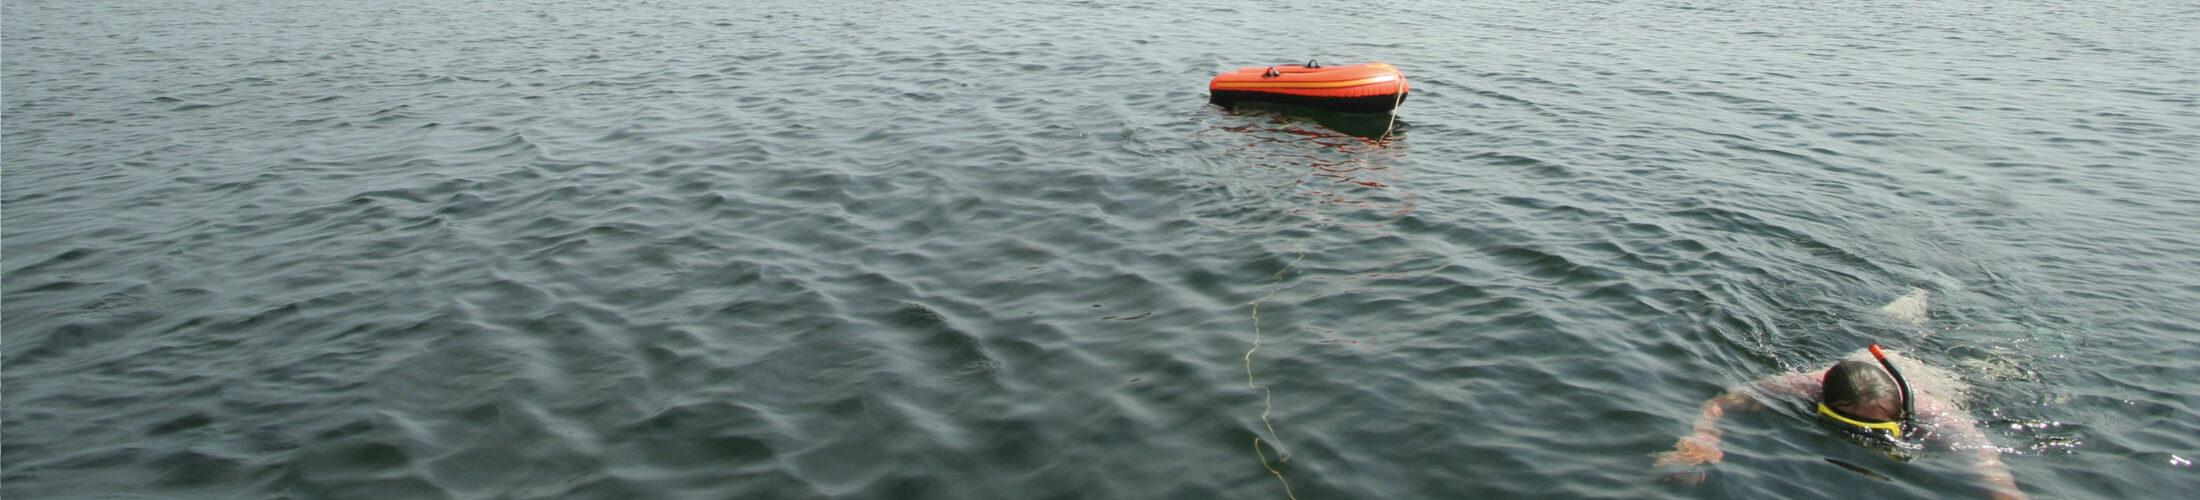 Man snorkeling in lake